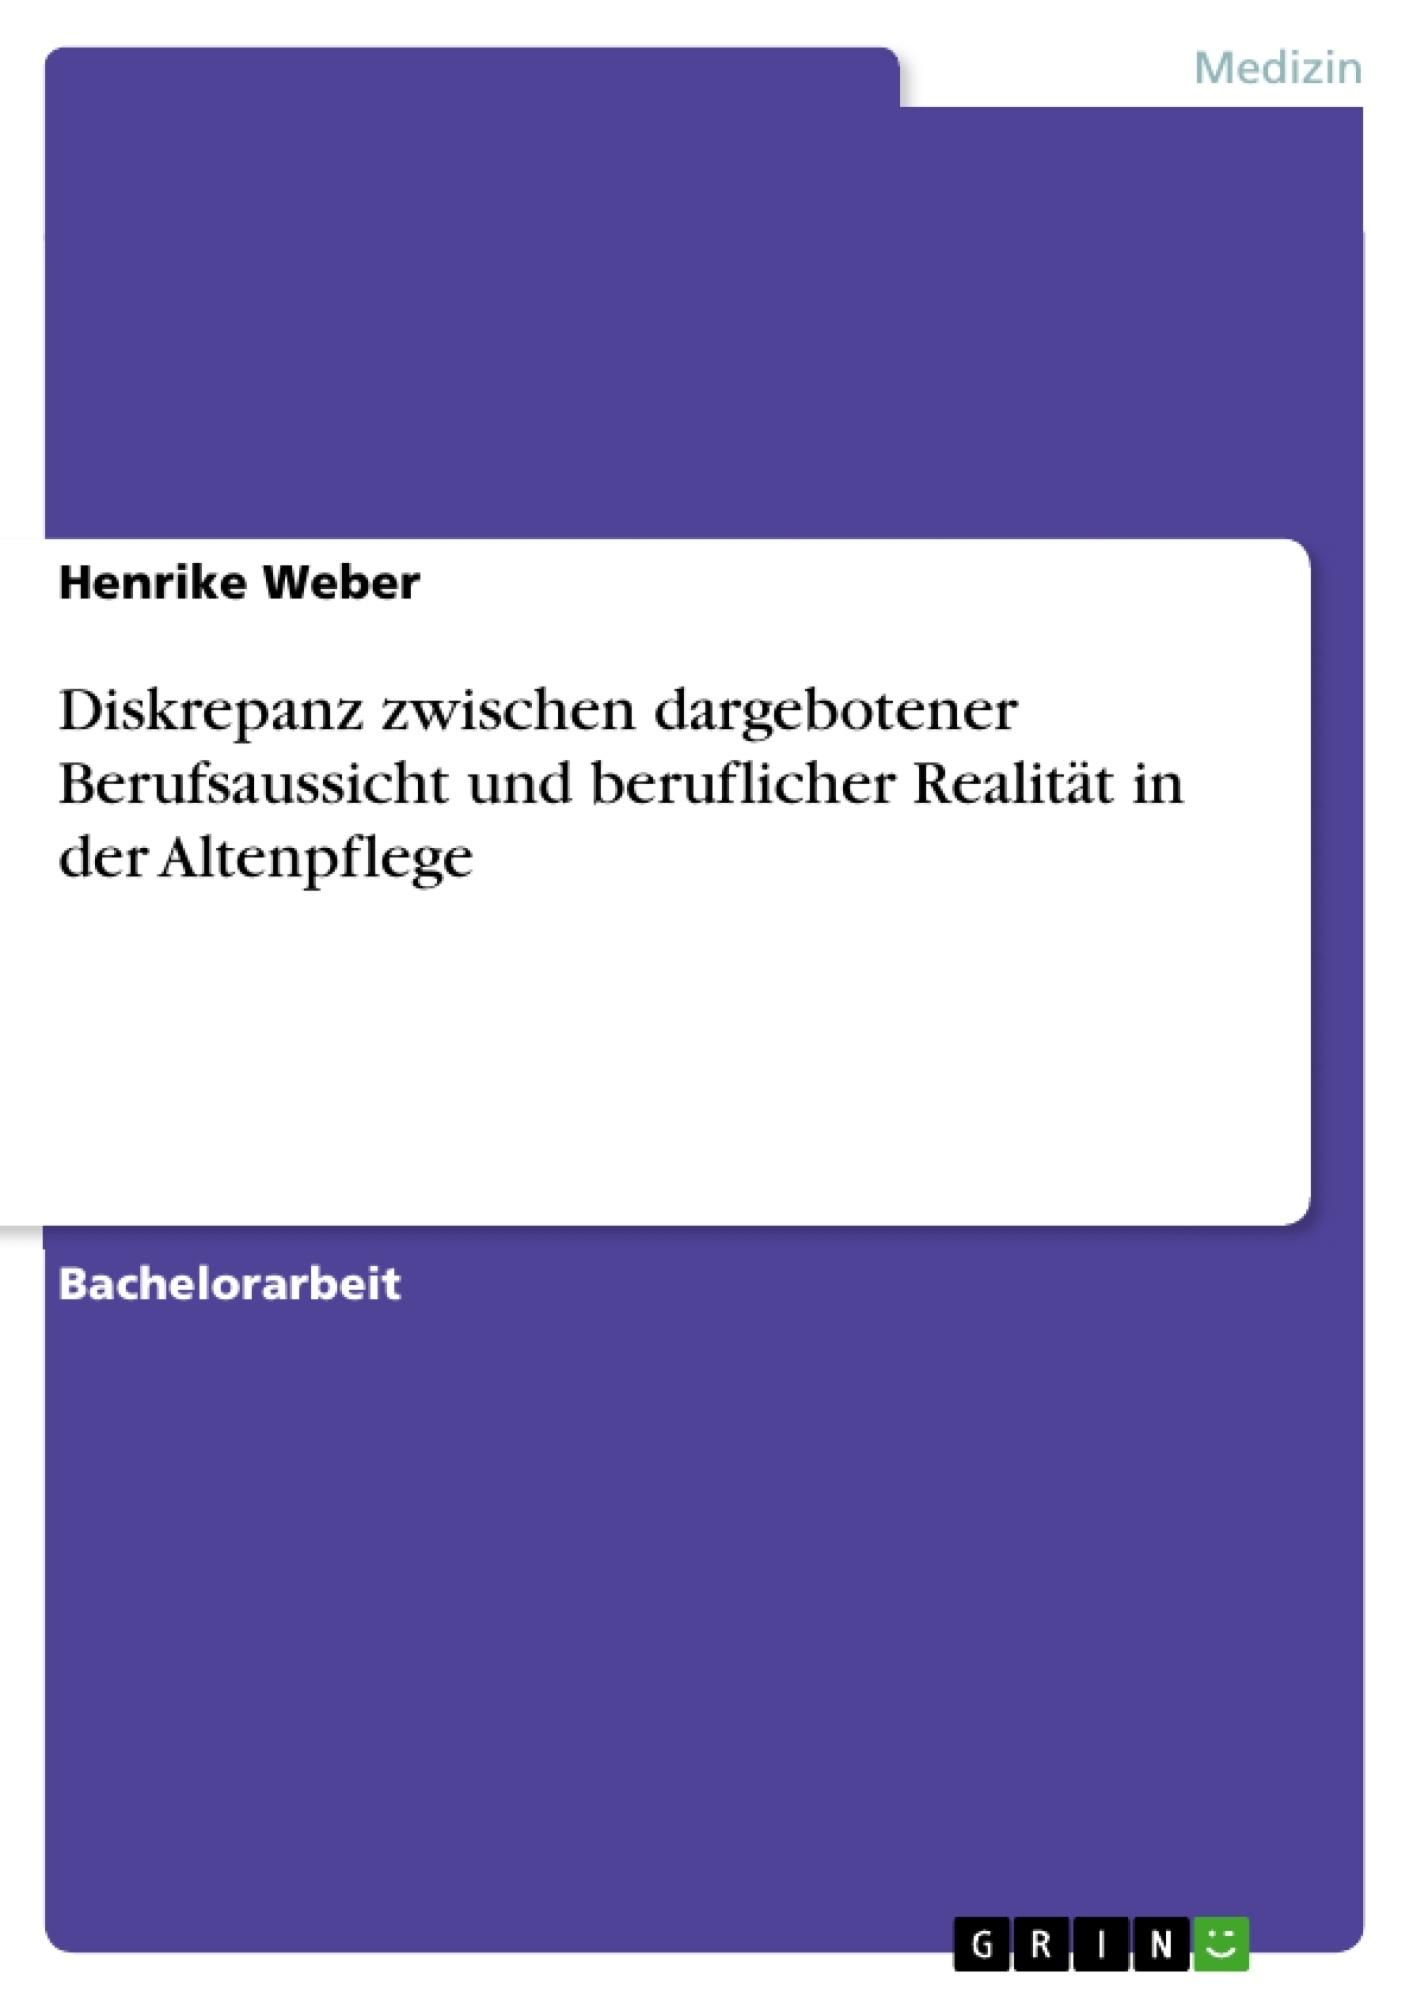 Titel: Diskrepanz zwischen dargebotener Berufsaussicht und beruflicher Realität in der Altenpflege